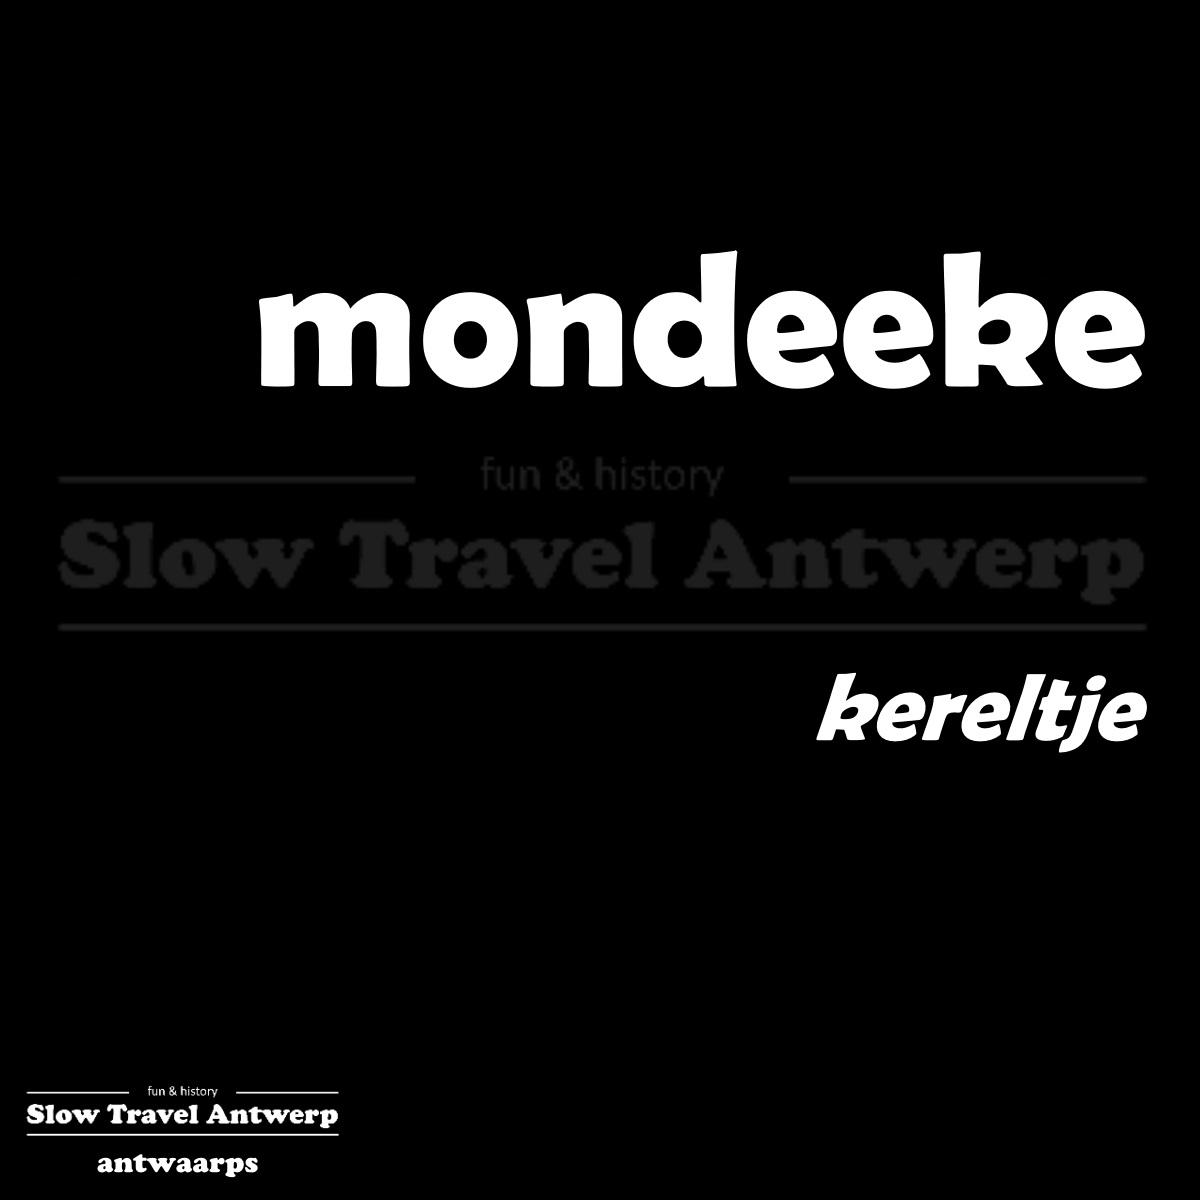 mondeeke – kereltje – little guy